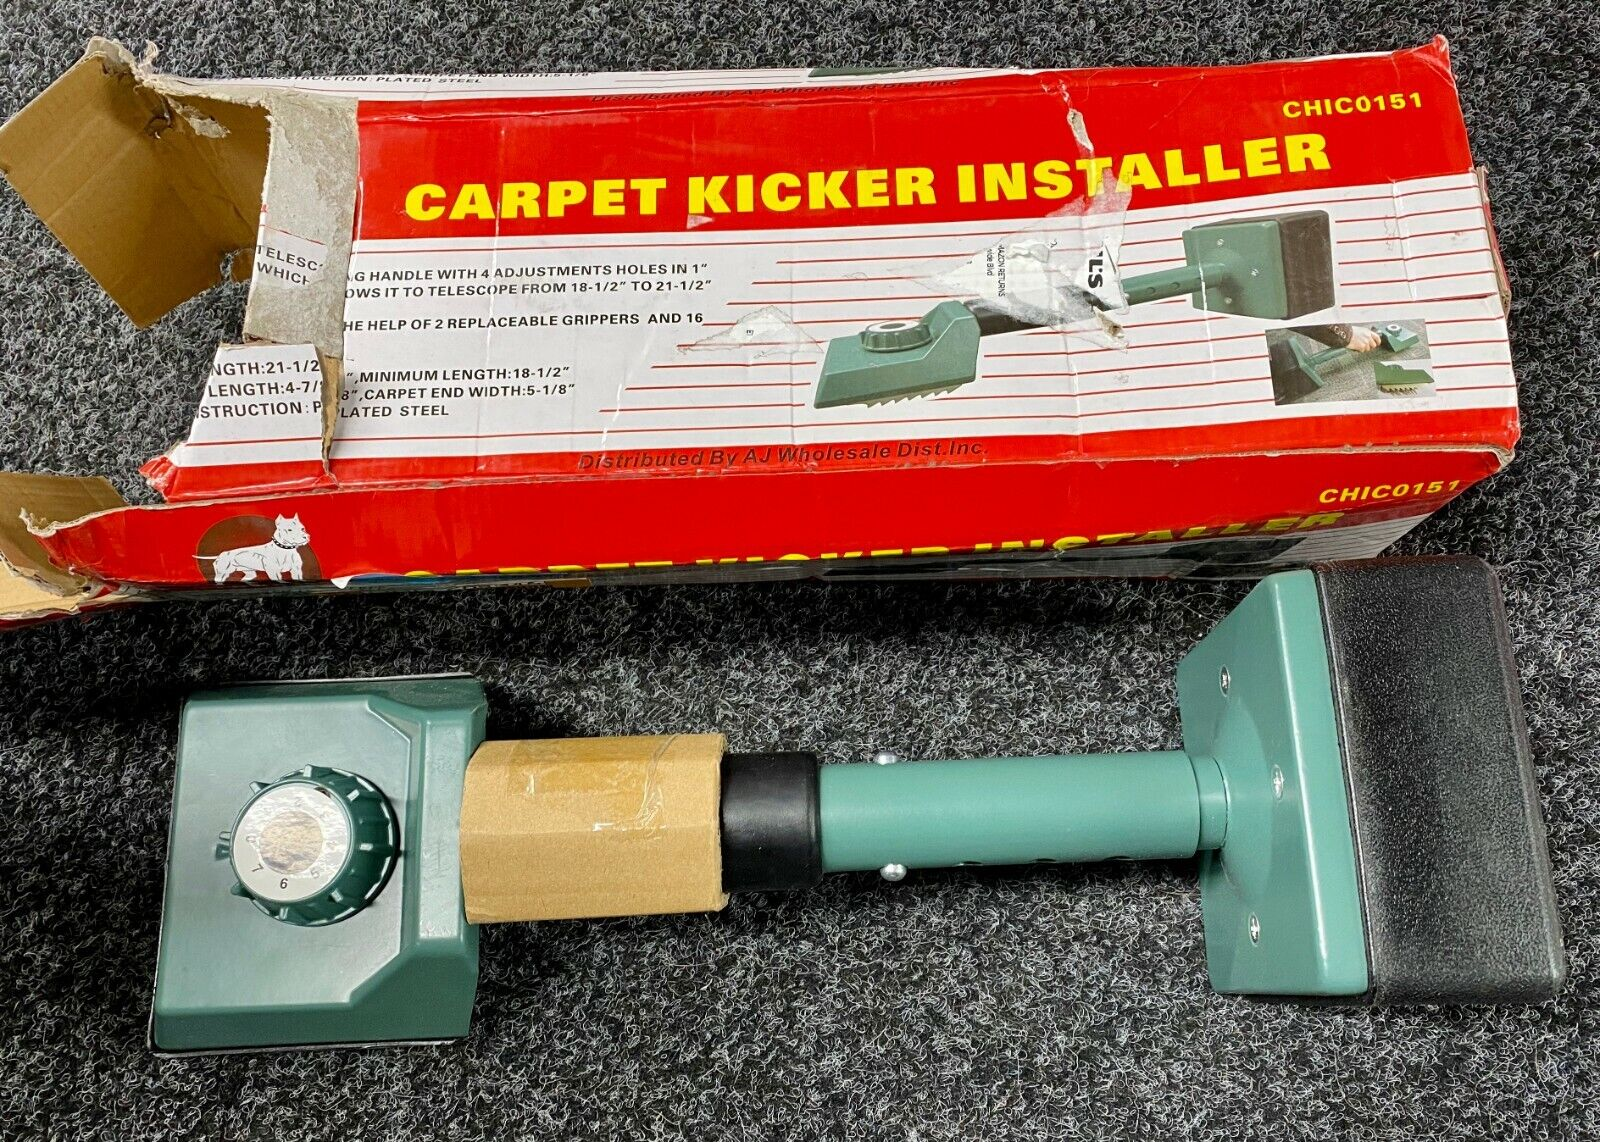 Pitbull CHIC0151 Carpet Kicker Installer